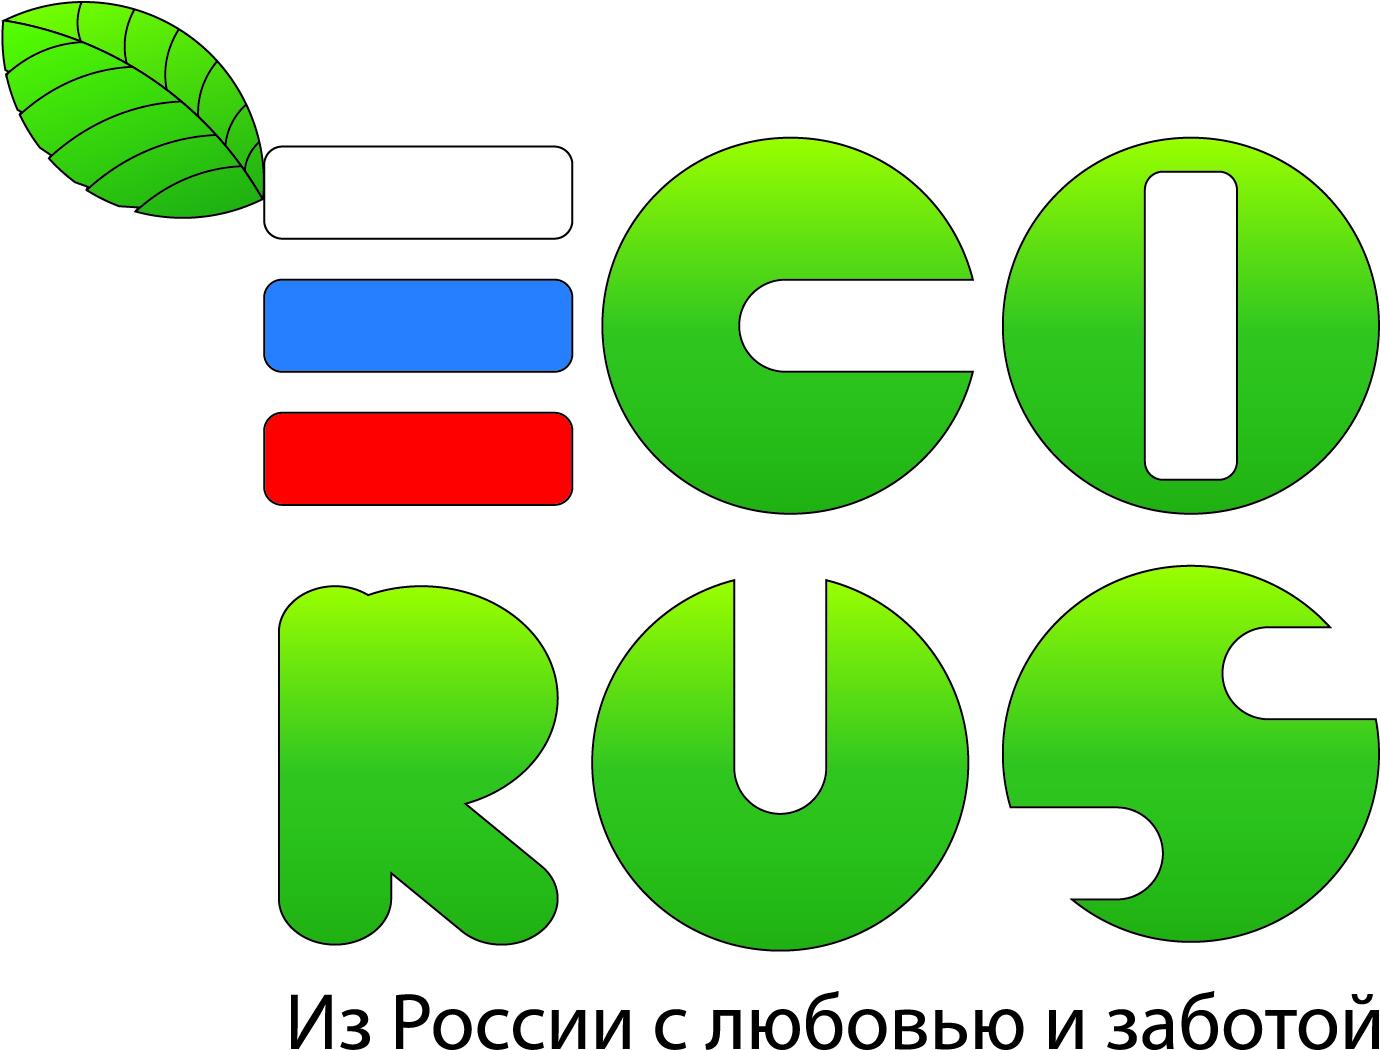 Логотип для поставщика продуктов питания из России в Китай фото f_1555ea77992c8575.jpg